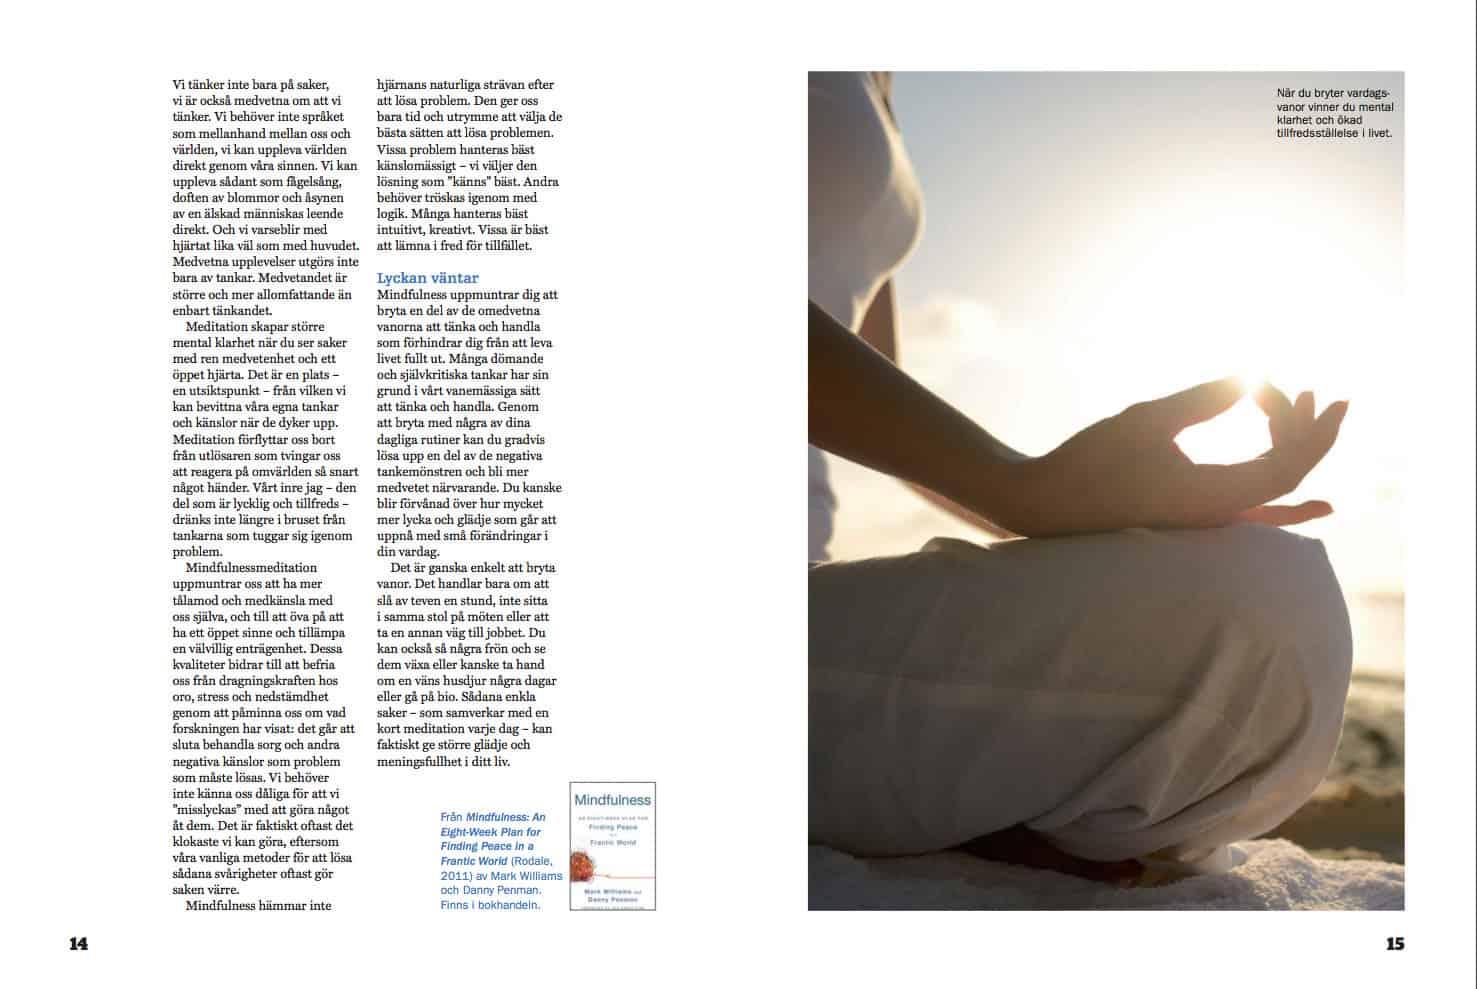 Lugn, klarhet och meditation, uppslag